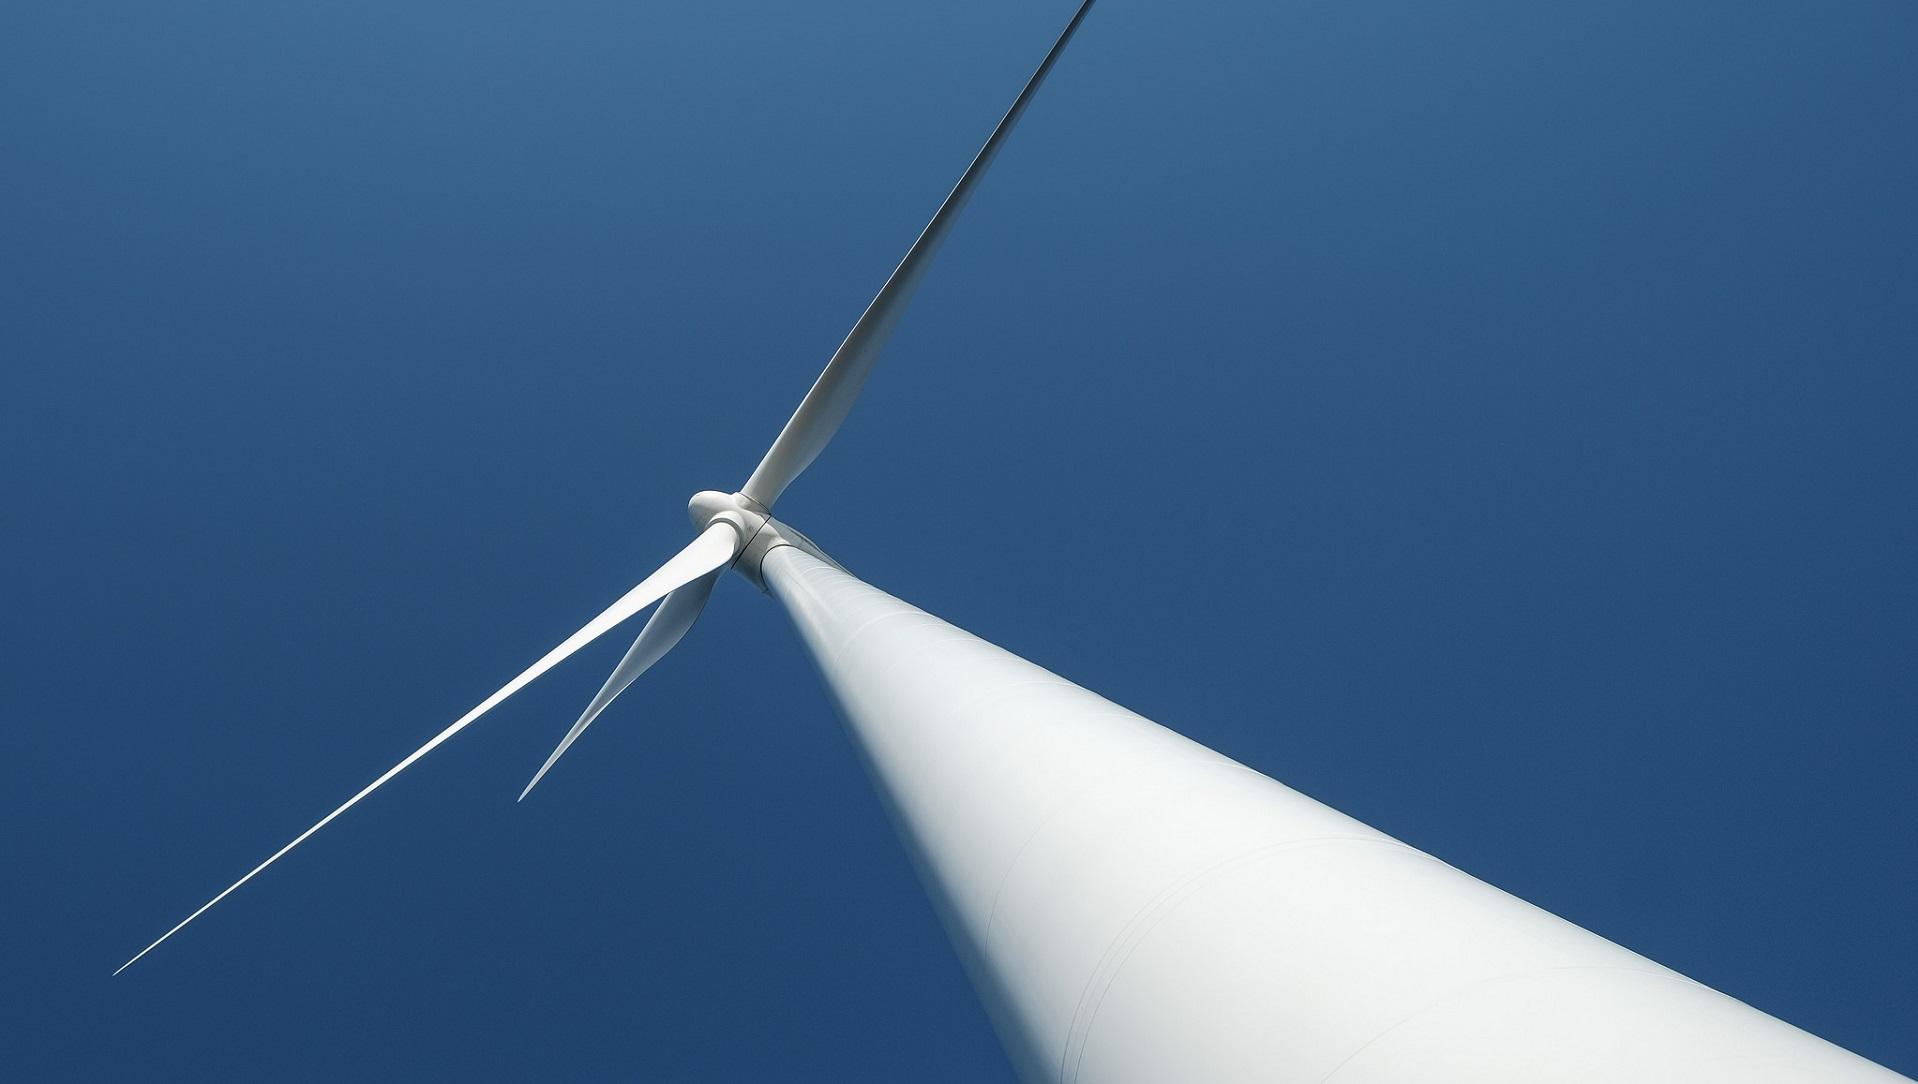 Haliade-X, la turbina capaz de producir la mayor cantidad de energía eólica